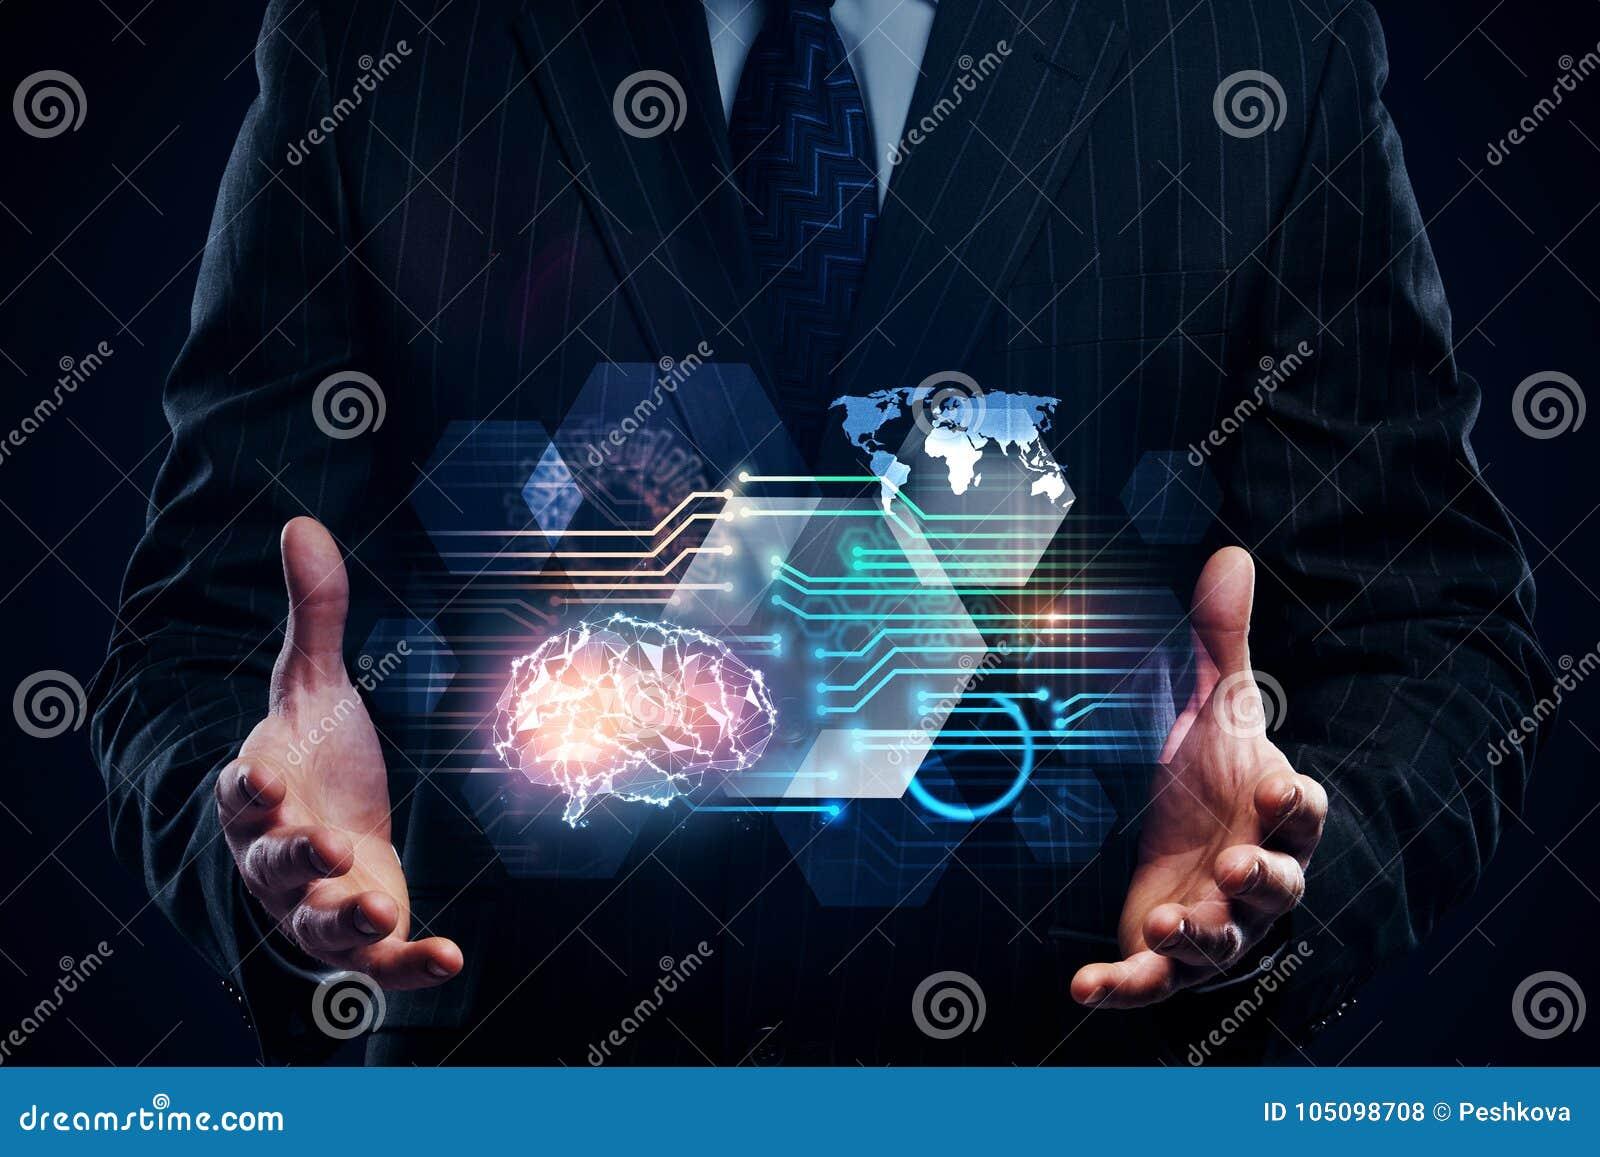 Концепция искусственного интеллекта и будущего